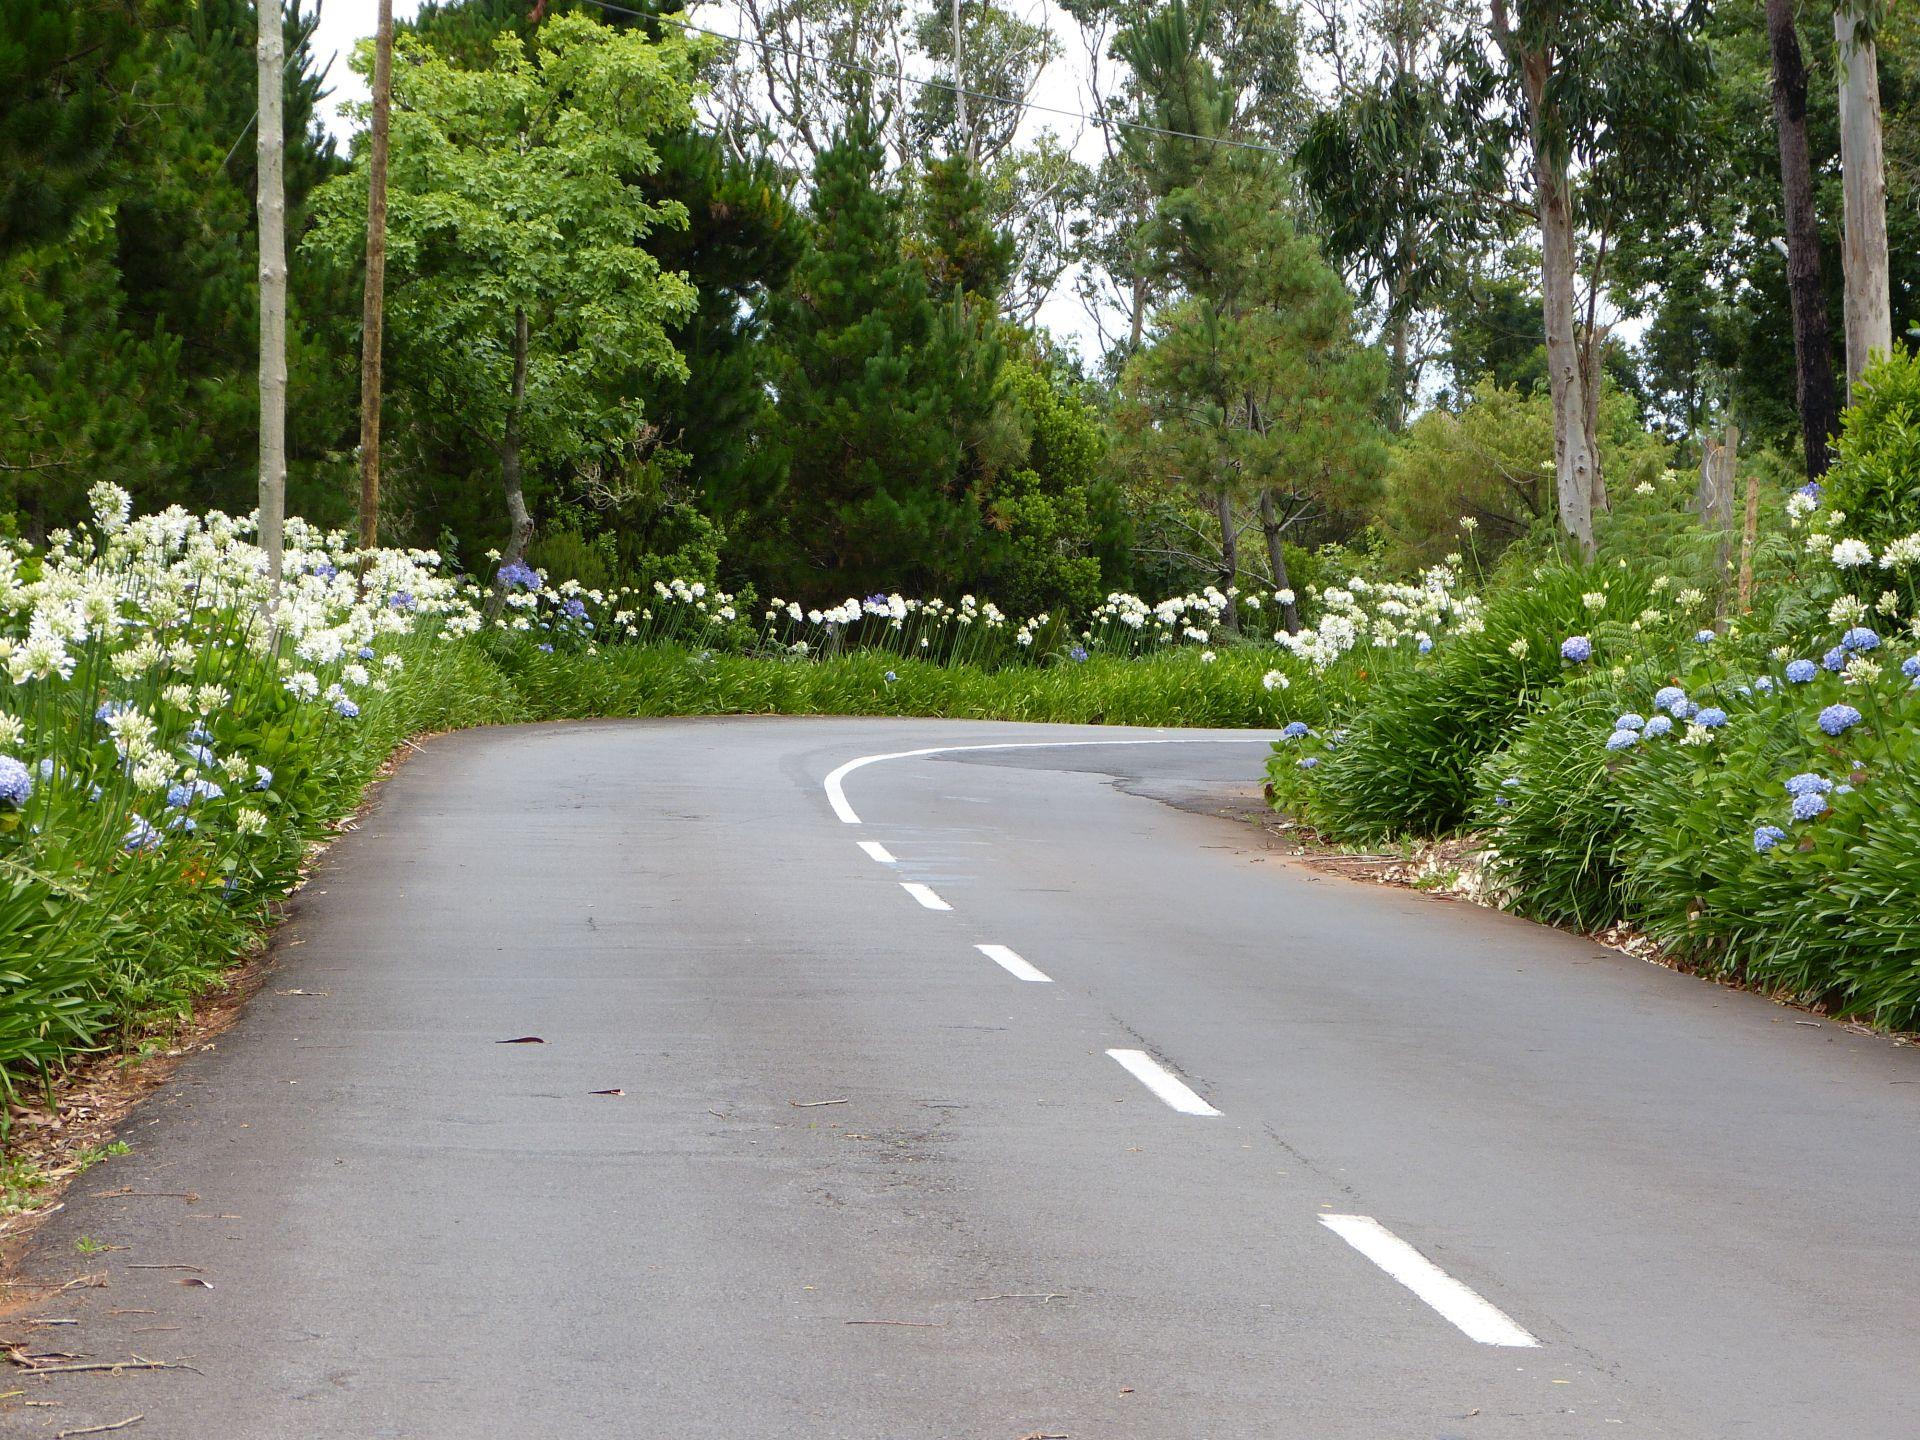 Typische Straße in Madeira mit Schmucklilien